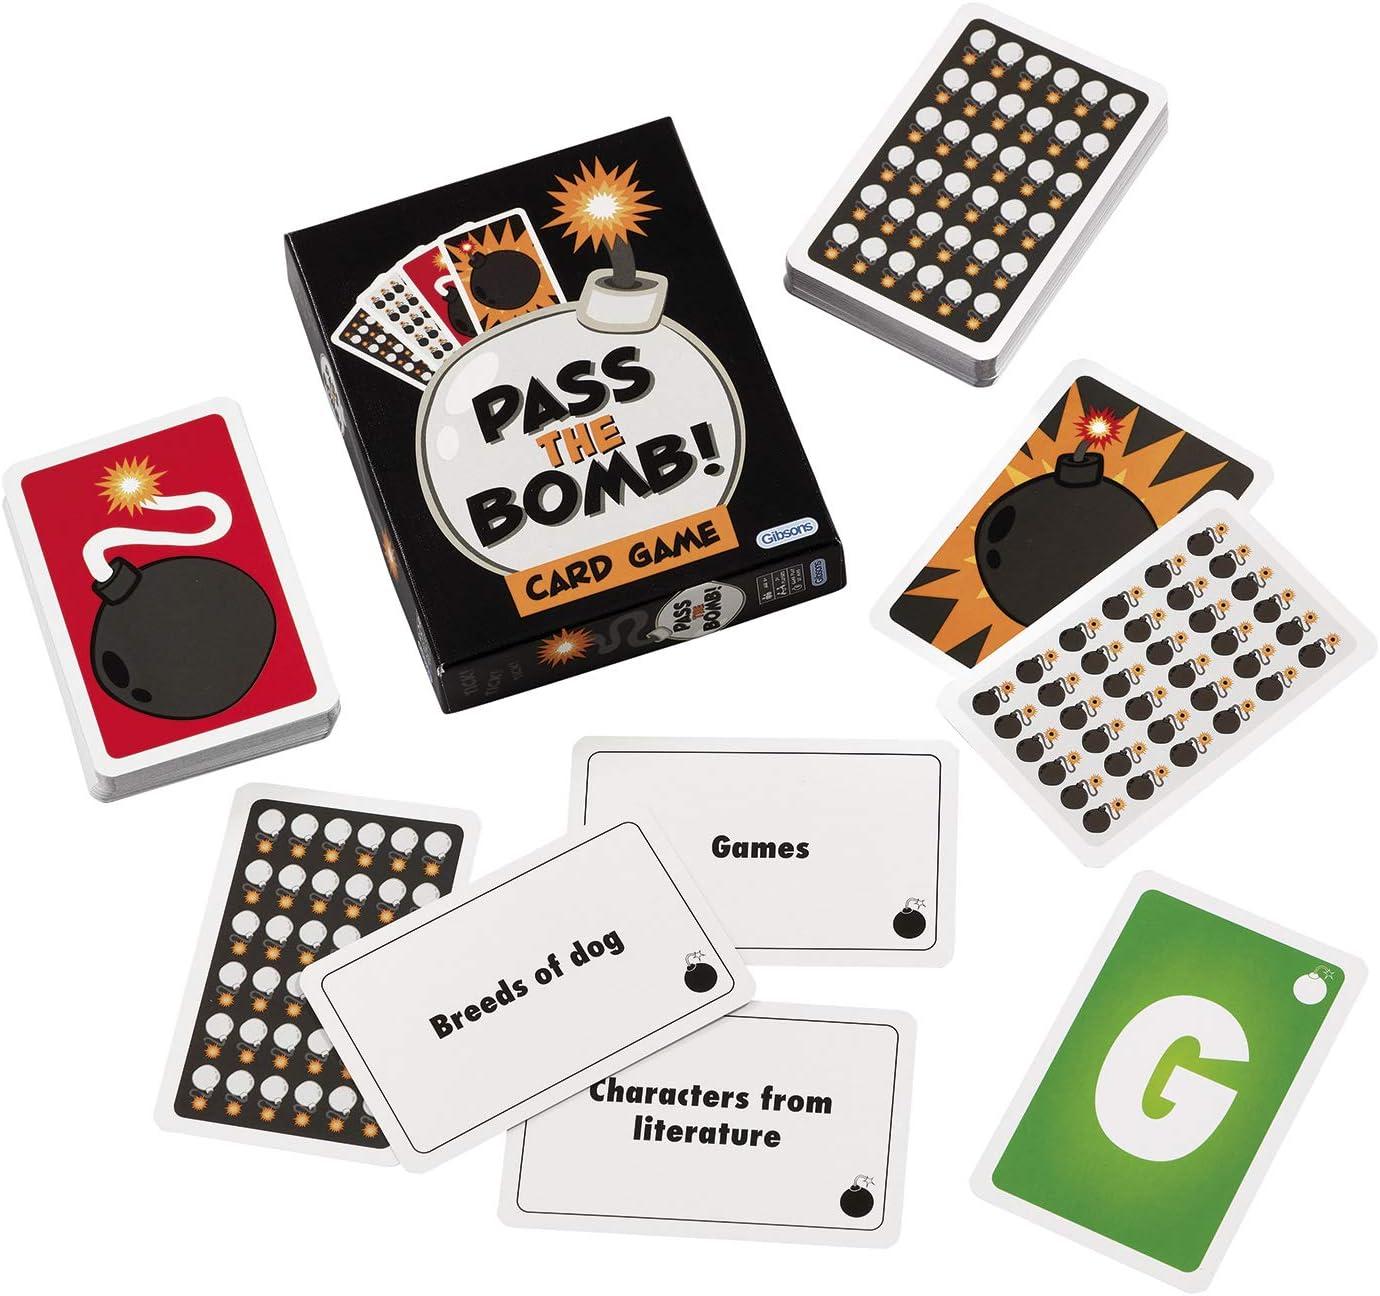 Gibsons - Juego de Cartas (versión en inglés): Gibsons Pass the Bomb Card Game: Amazon.es: Juguetes y juegos